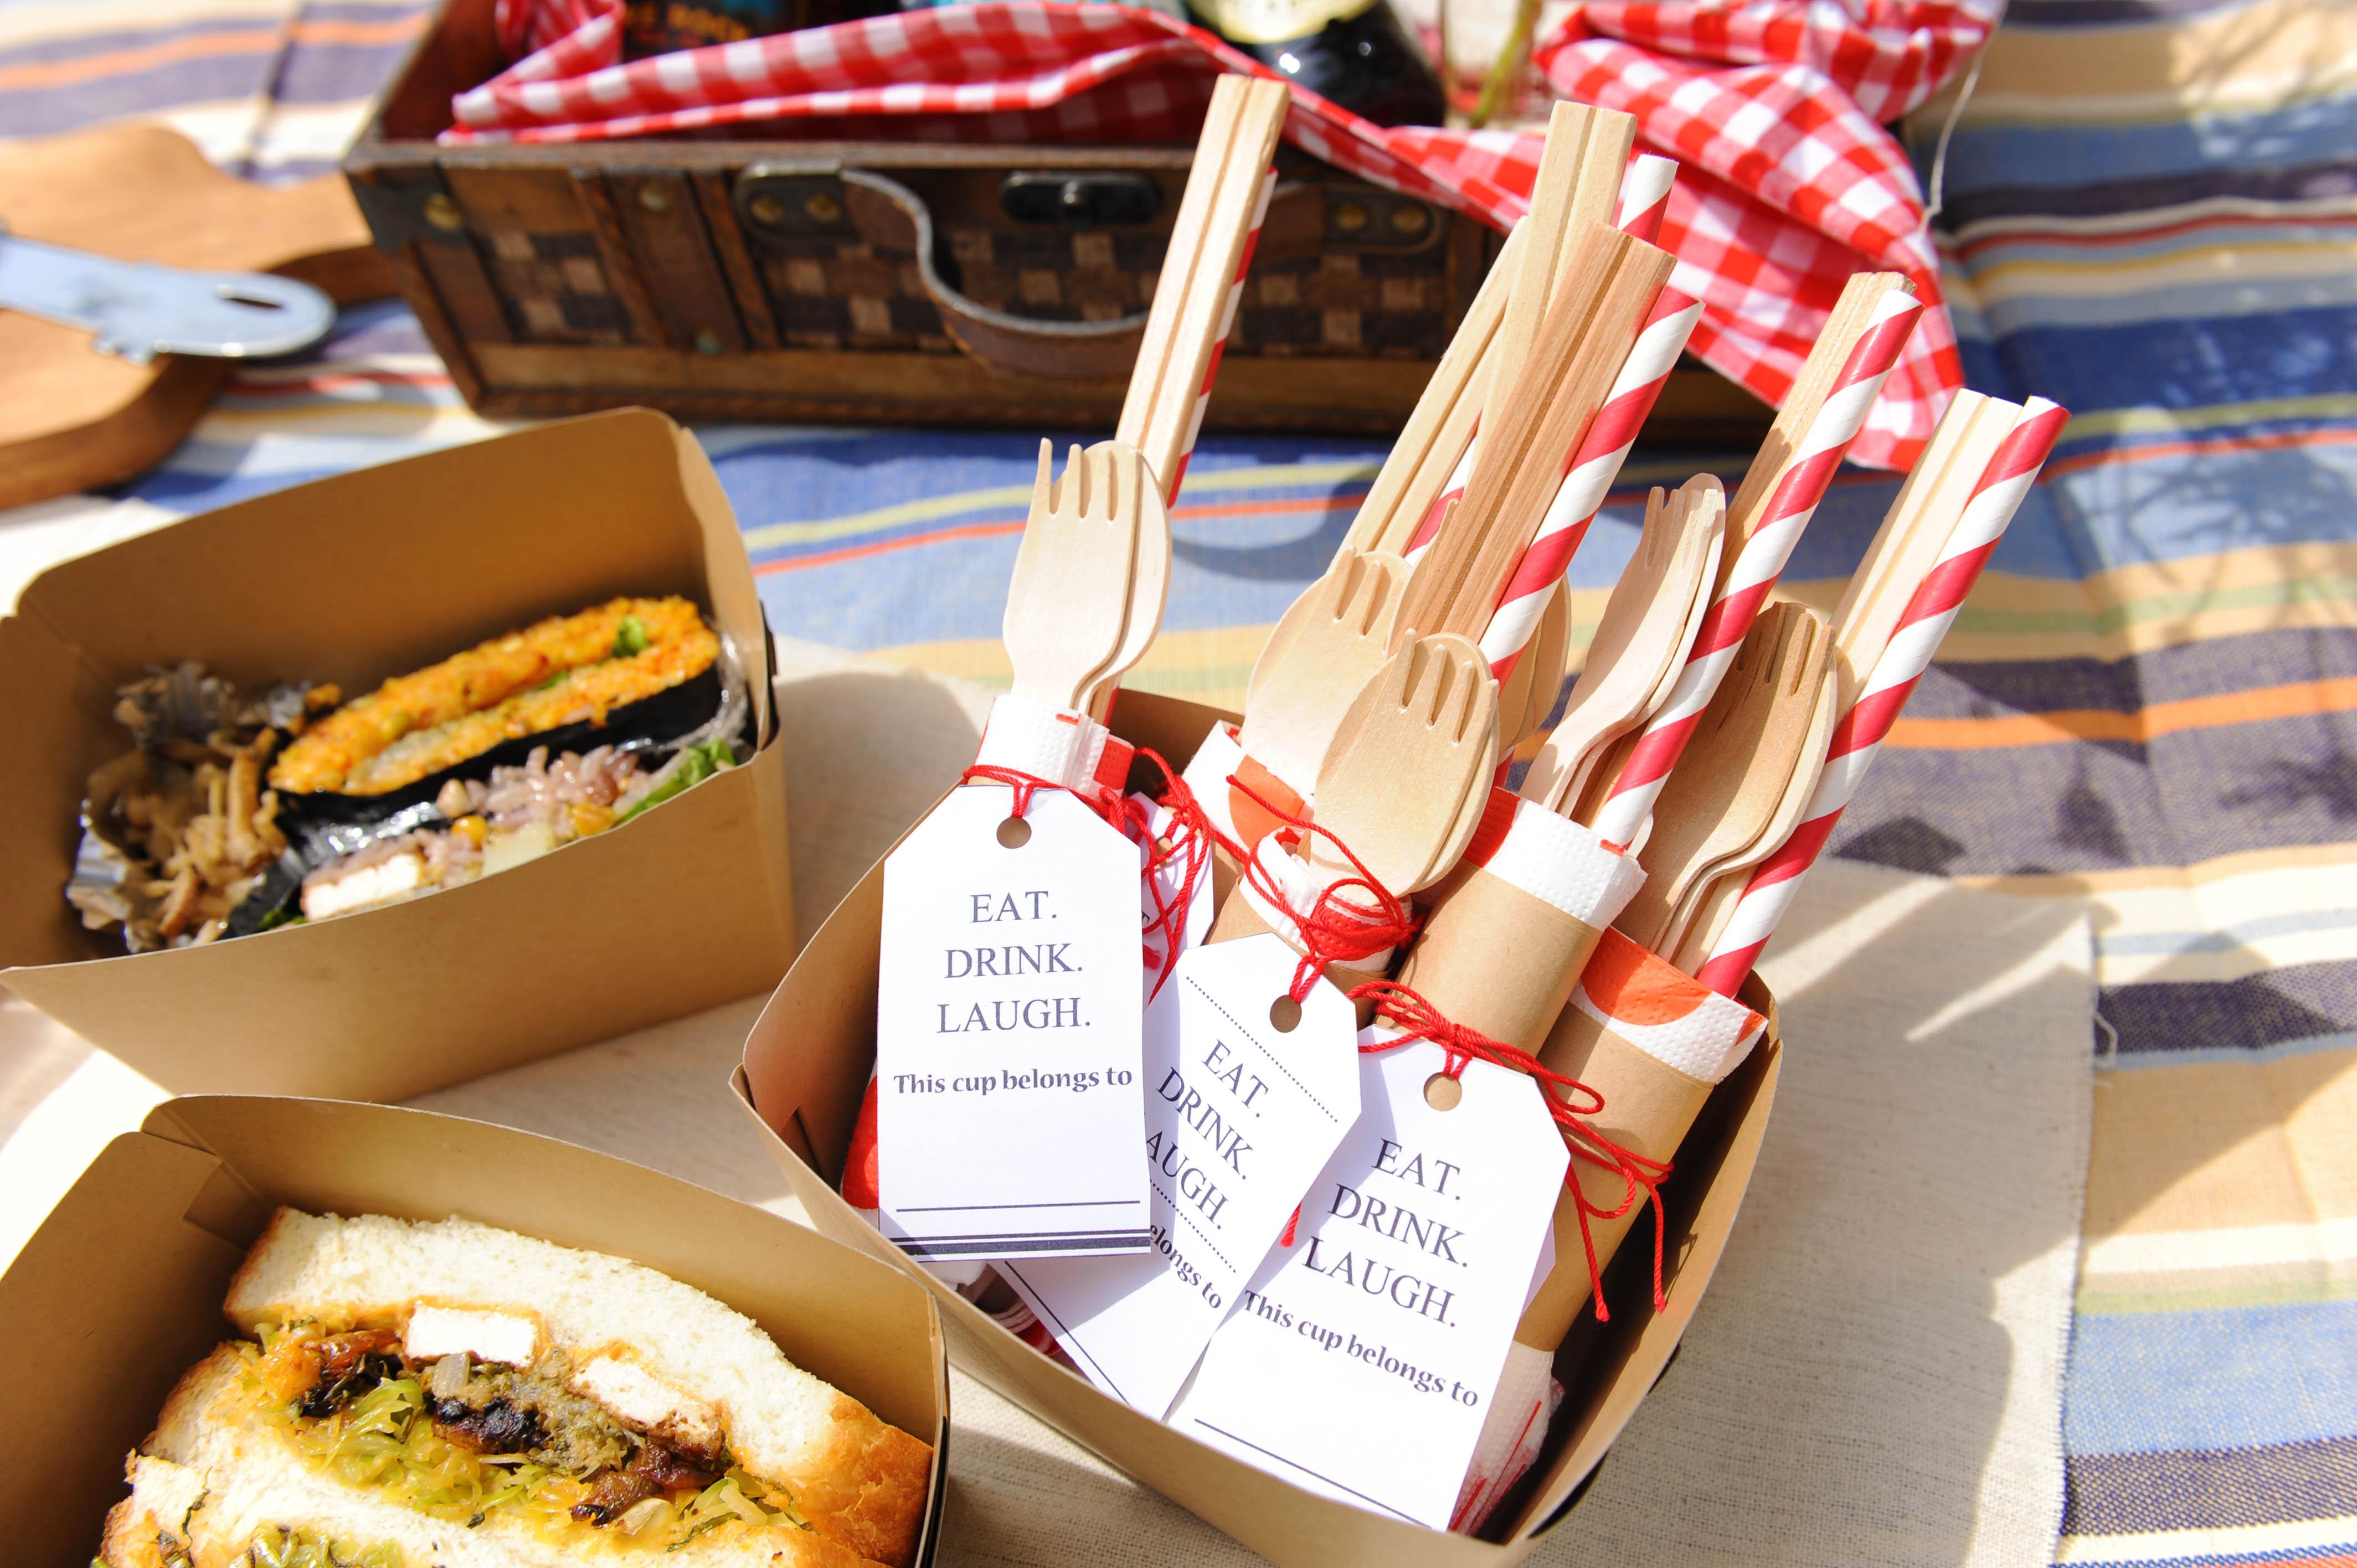 【ピクニック×DIY】ピクニックに持っていくフォークやスプーンをひと工夫!カトラリーセットの作り方<br>|by ARCH DAYS編集部